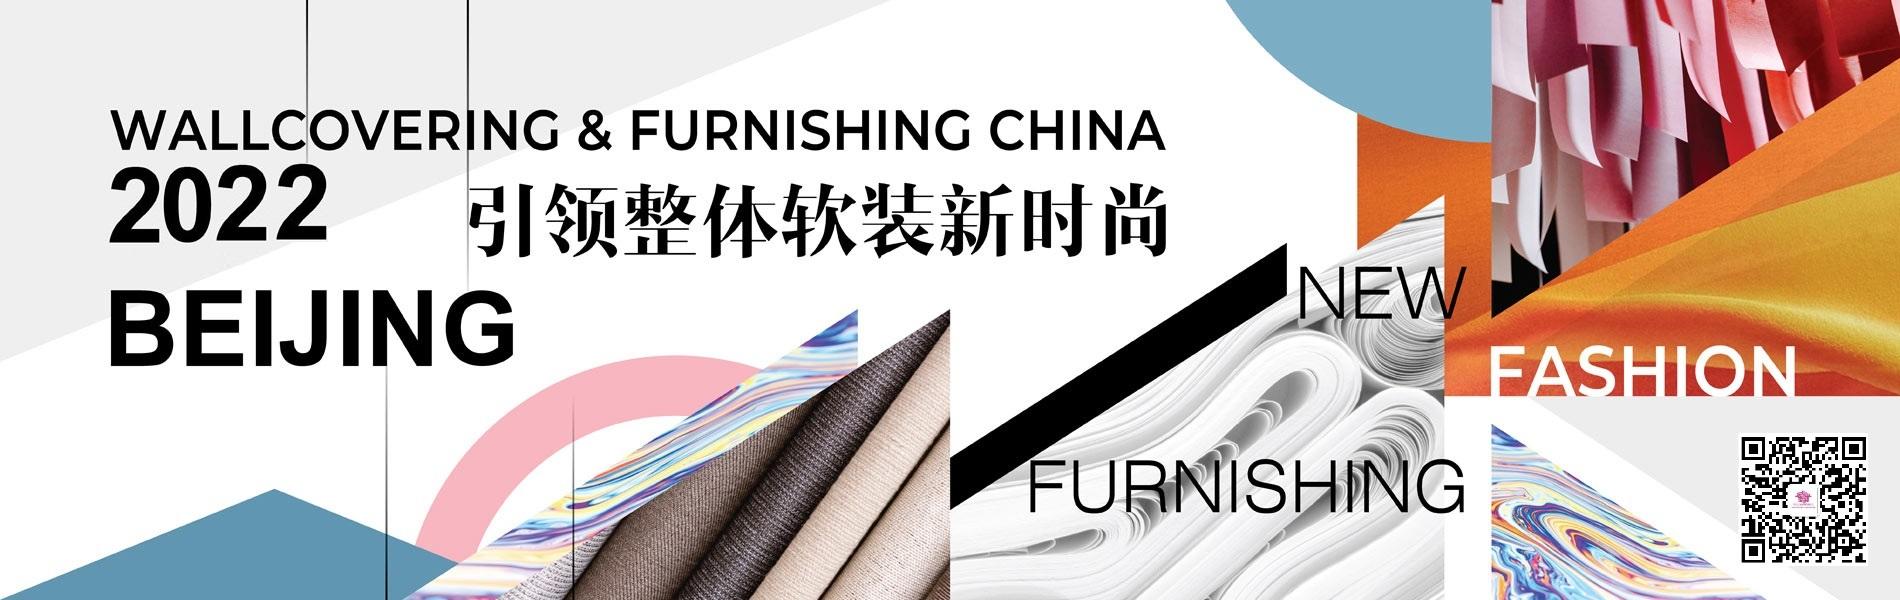 北京墙纸展-首页-5